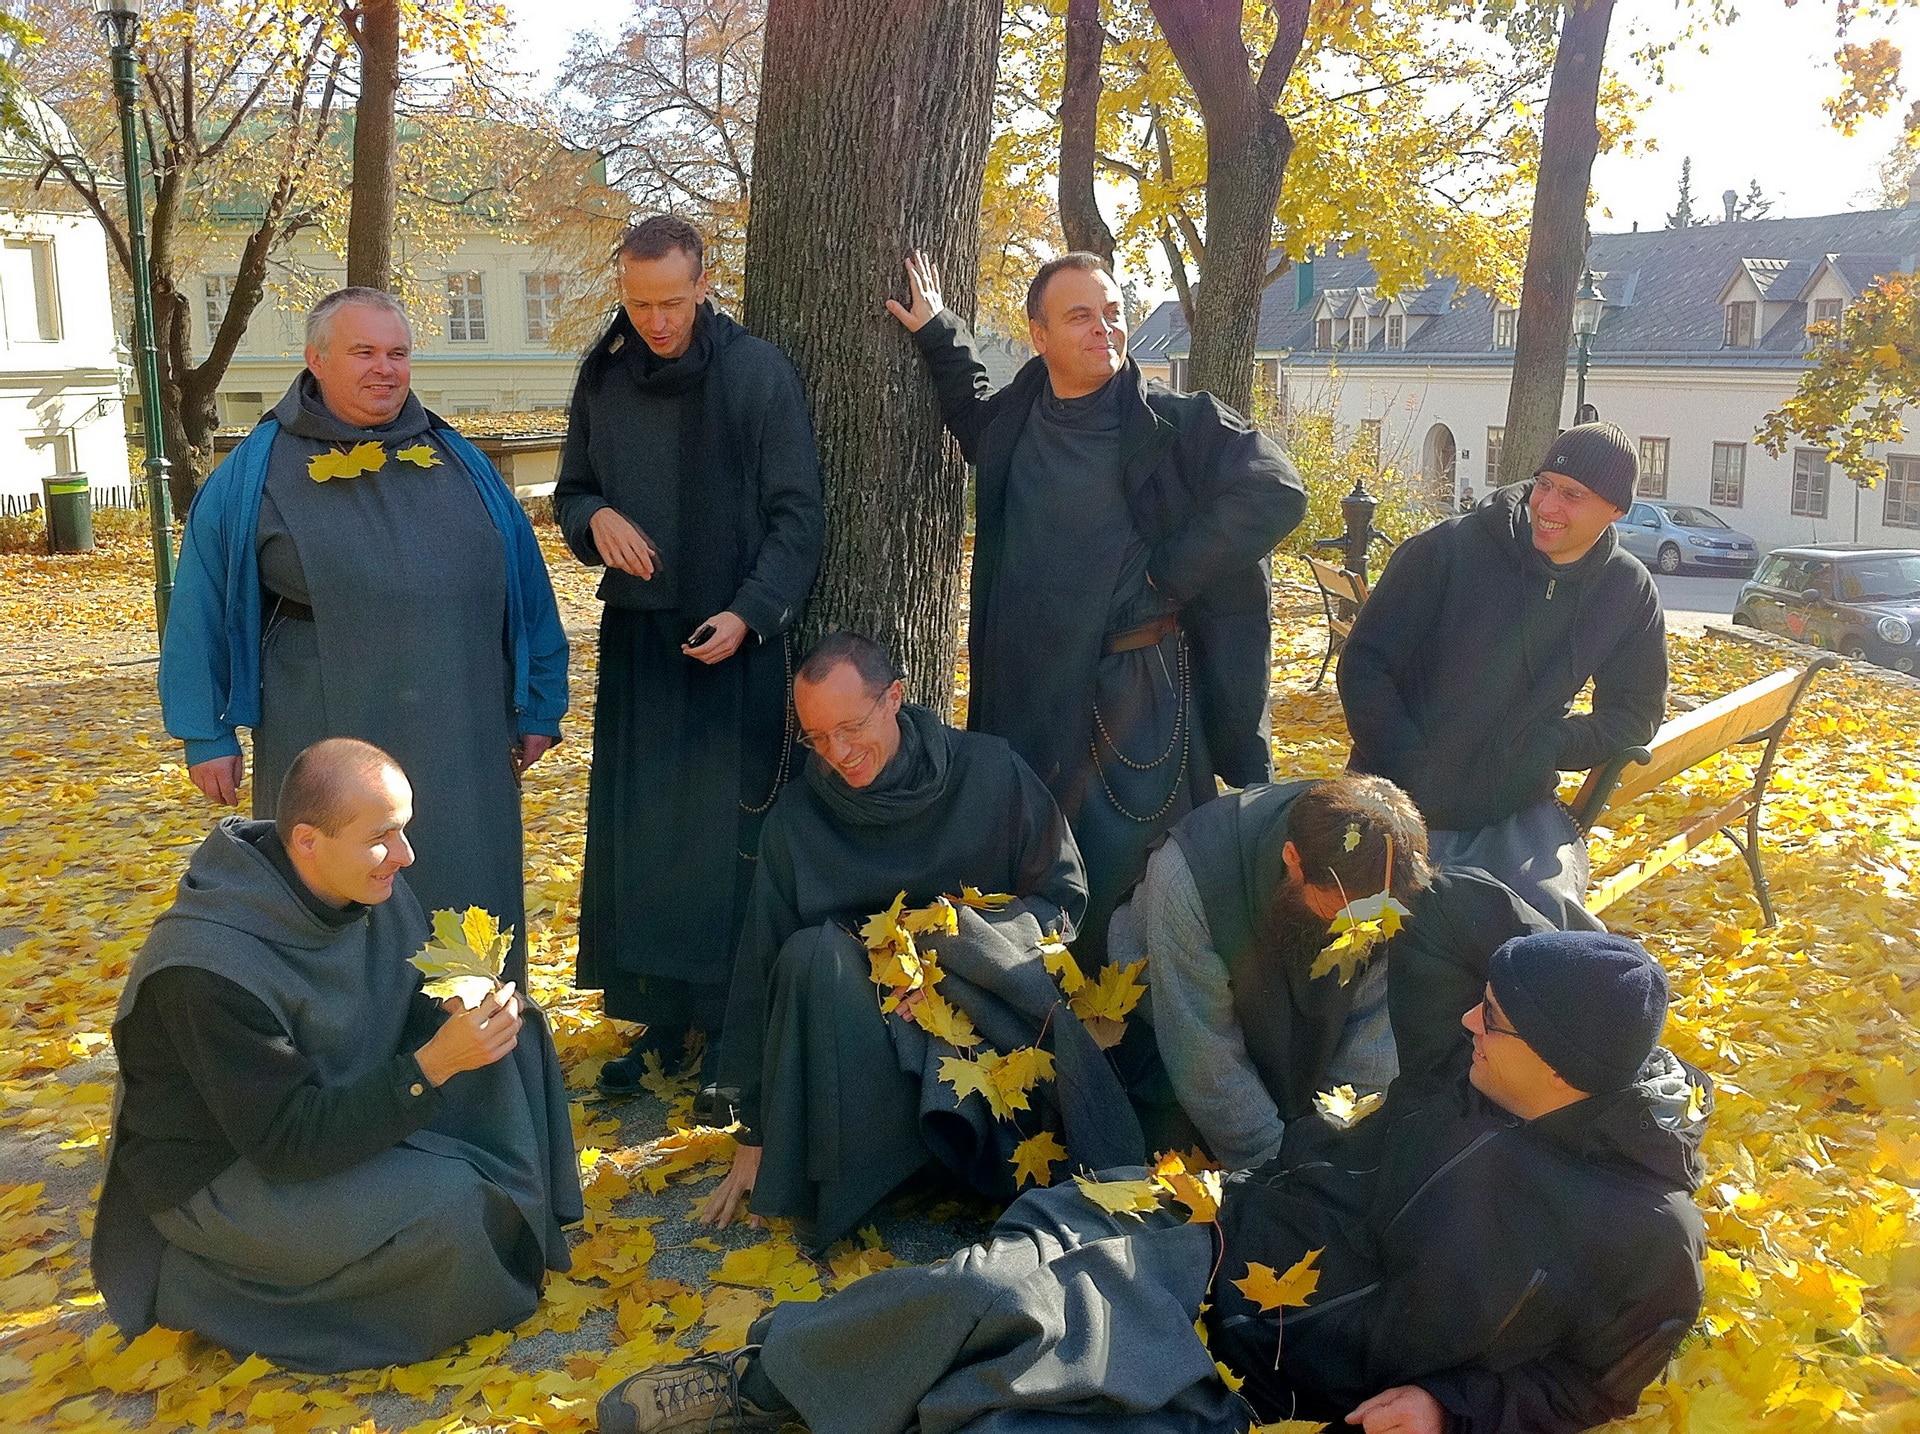 Unser Leben - die St. Johannes Gemeinschaft